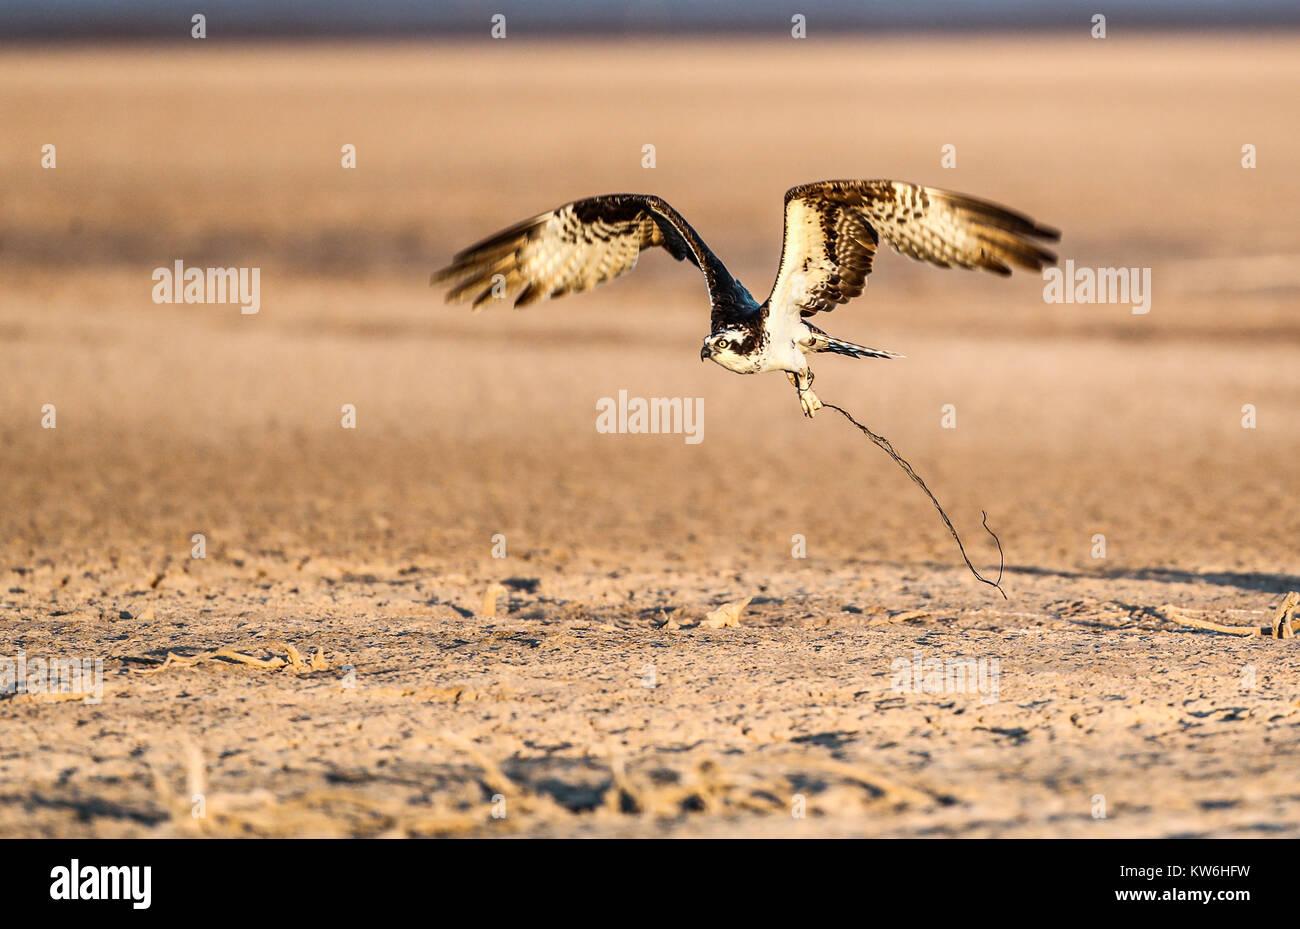 Pêche à la ligne blanche. Ave rapas vu dans son nid construit sur le pôle de la lumière électrique. Photo Stock